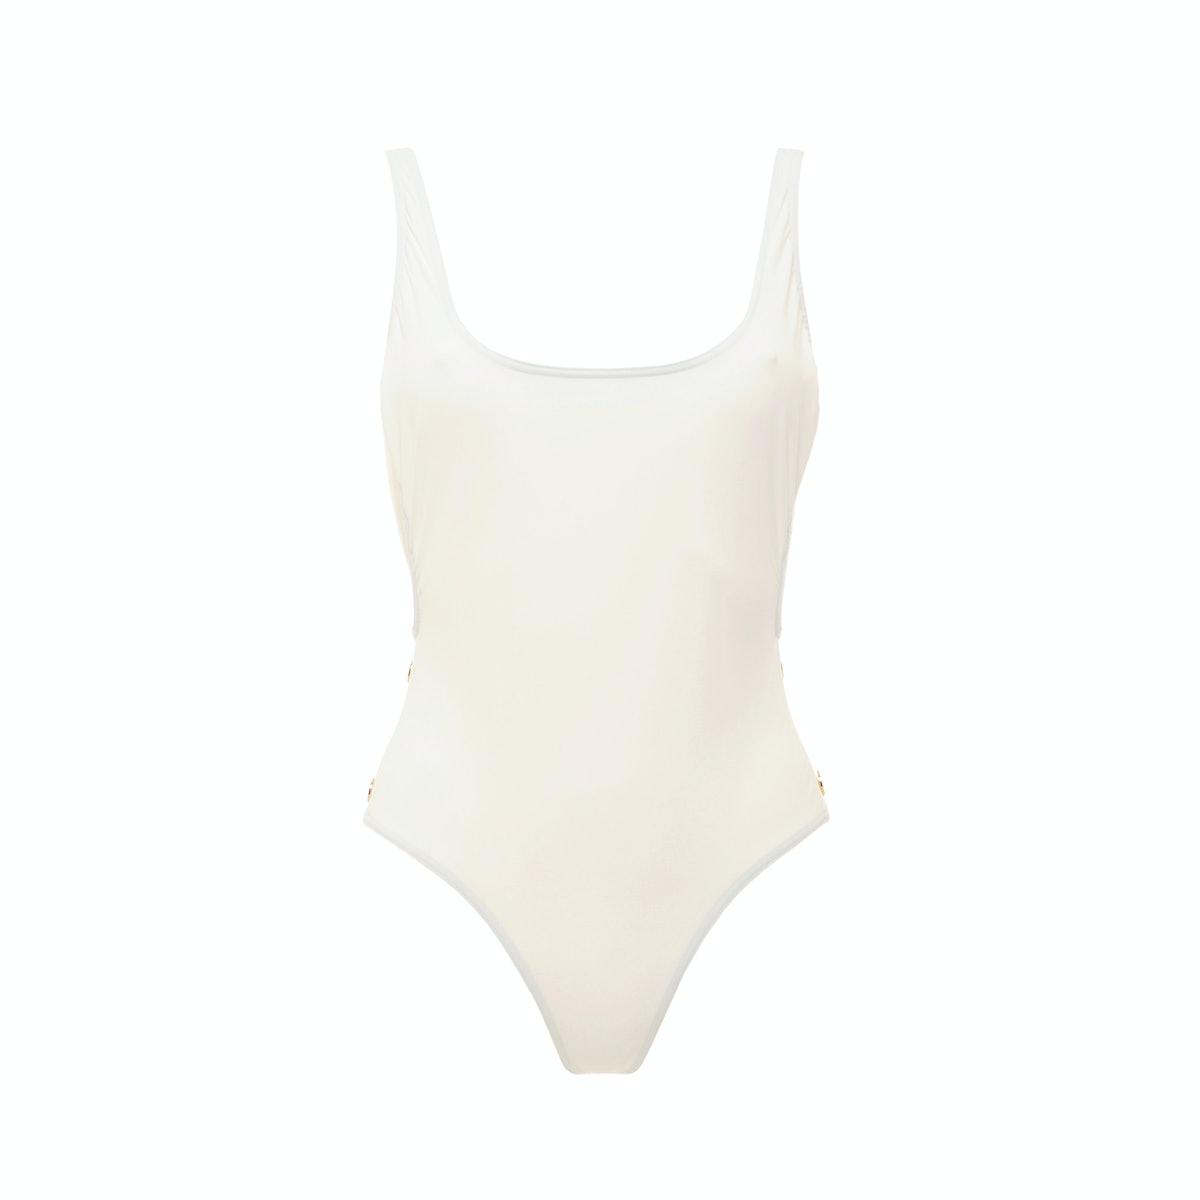 Thapelo Paris bathing suit